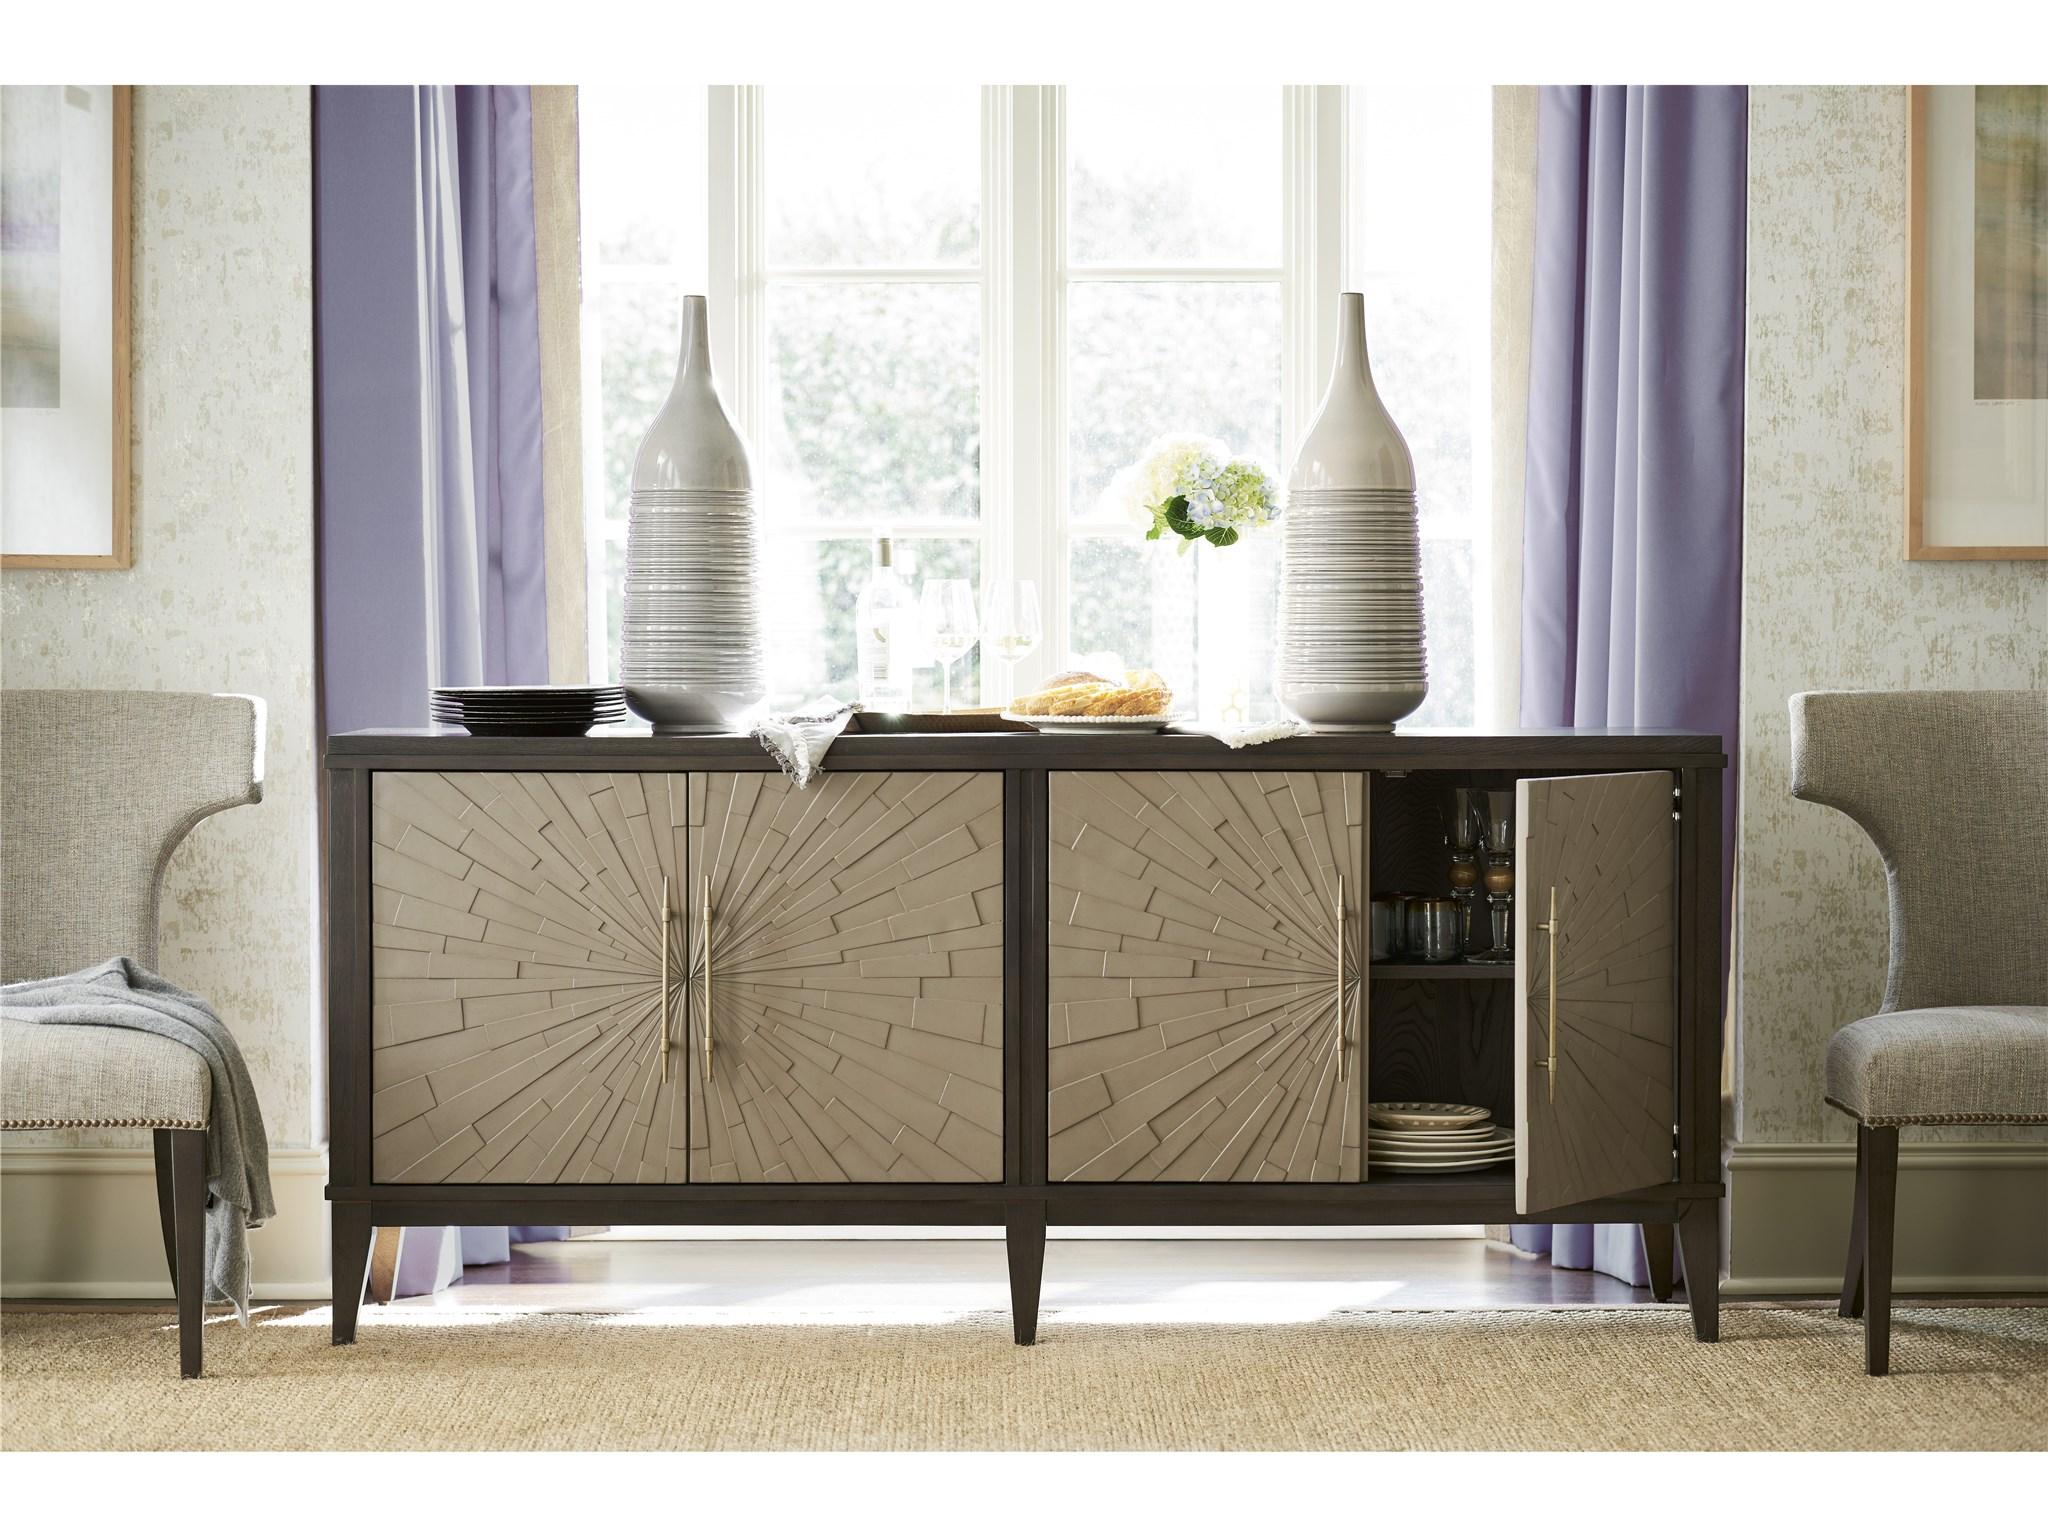 Soliloquy Arabella Credenza Universal Furniture